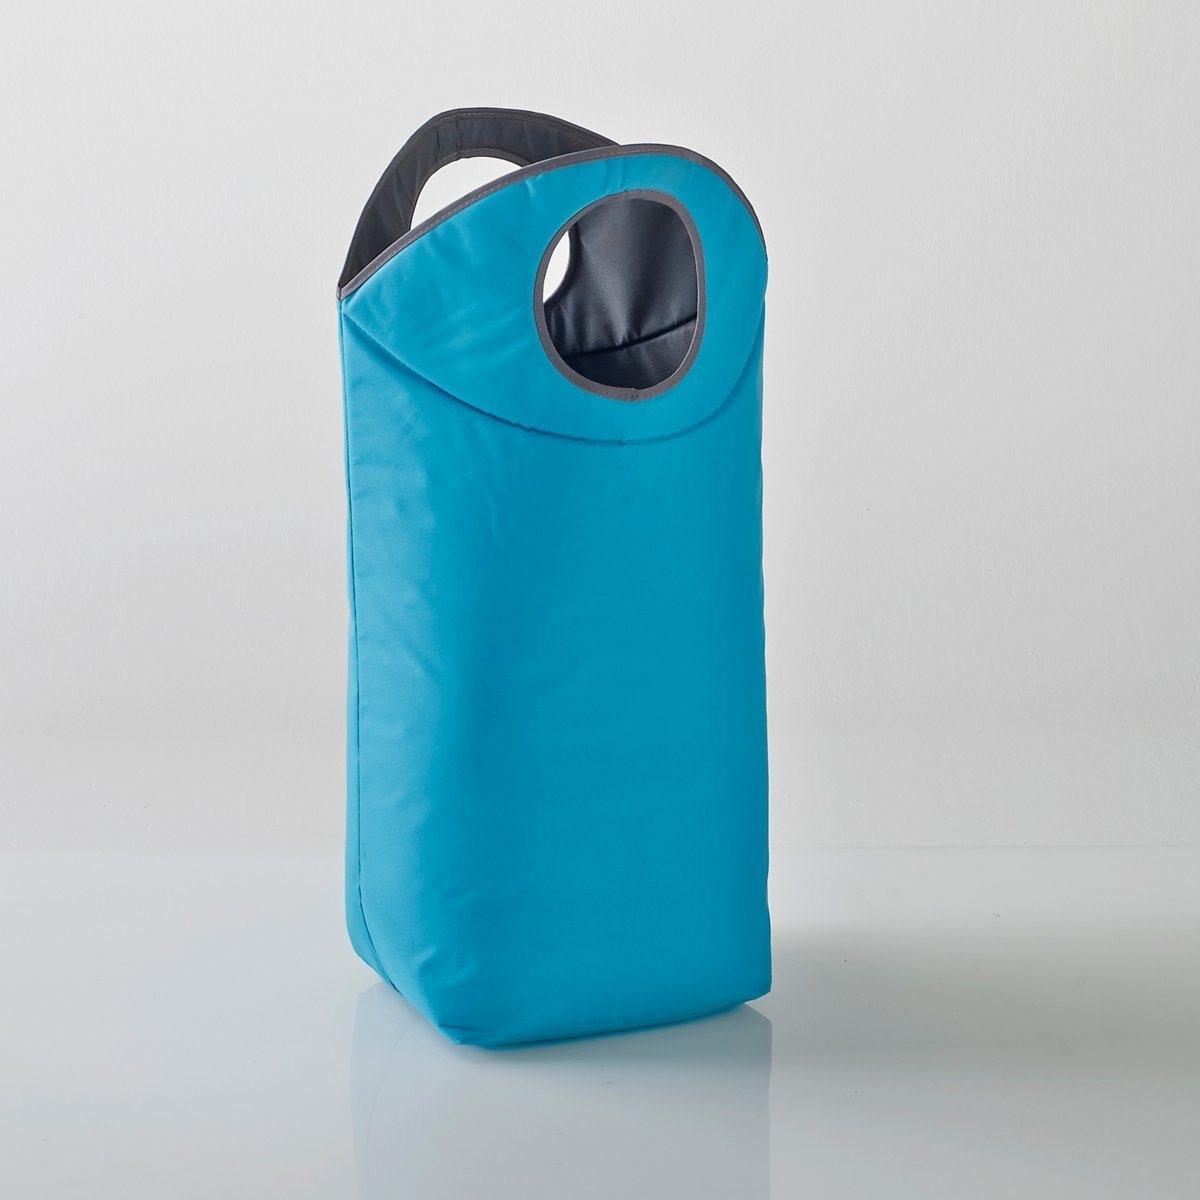 Корзина для белья или хранения.Корзина для белья или хранения. Практичная корзина из мягкого материала легко складывается: пустая корзина не занимает много места! Характеристики корзины для белья или хранения:100% полиэстера. Двухцветные ручки, кант серого цвета.Размеры корзины для белья или хранения:Высота: 78 смШирина: 54 см.Глубина: 30 см.<br><br>Цвет: бирюзовый,темно-розовый однотонный,темно-серый